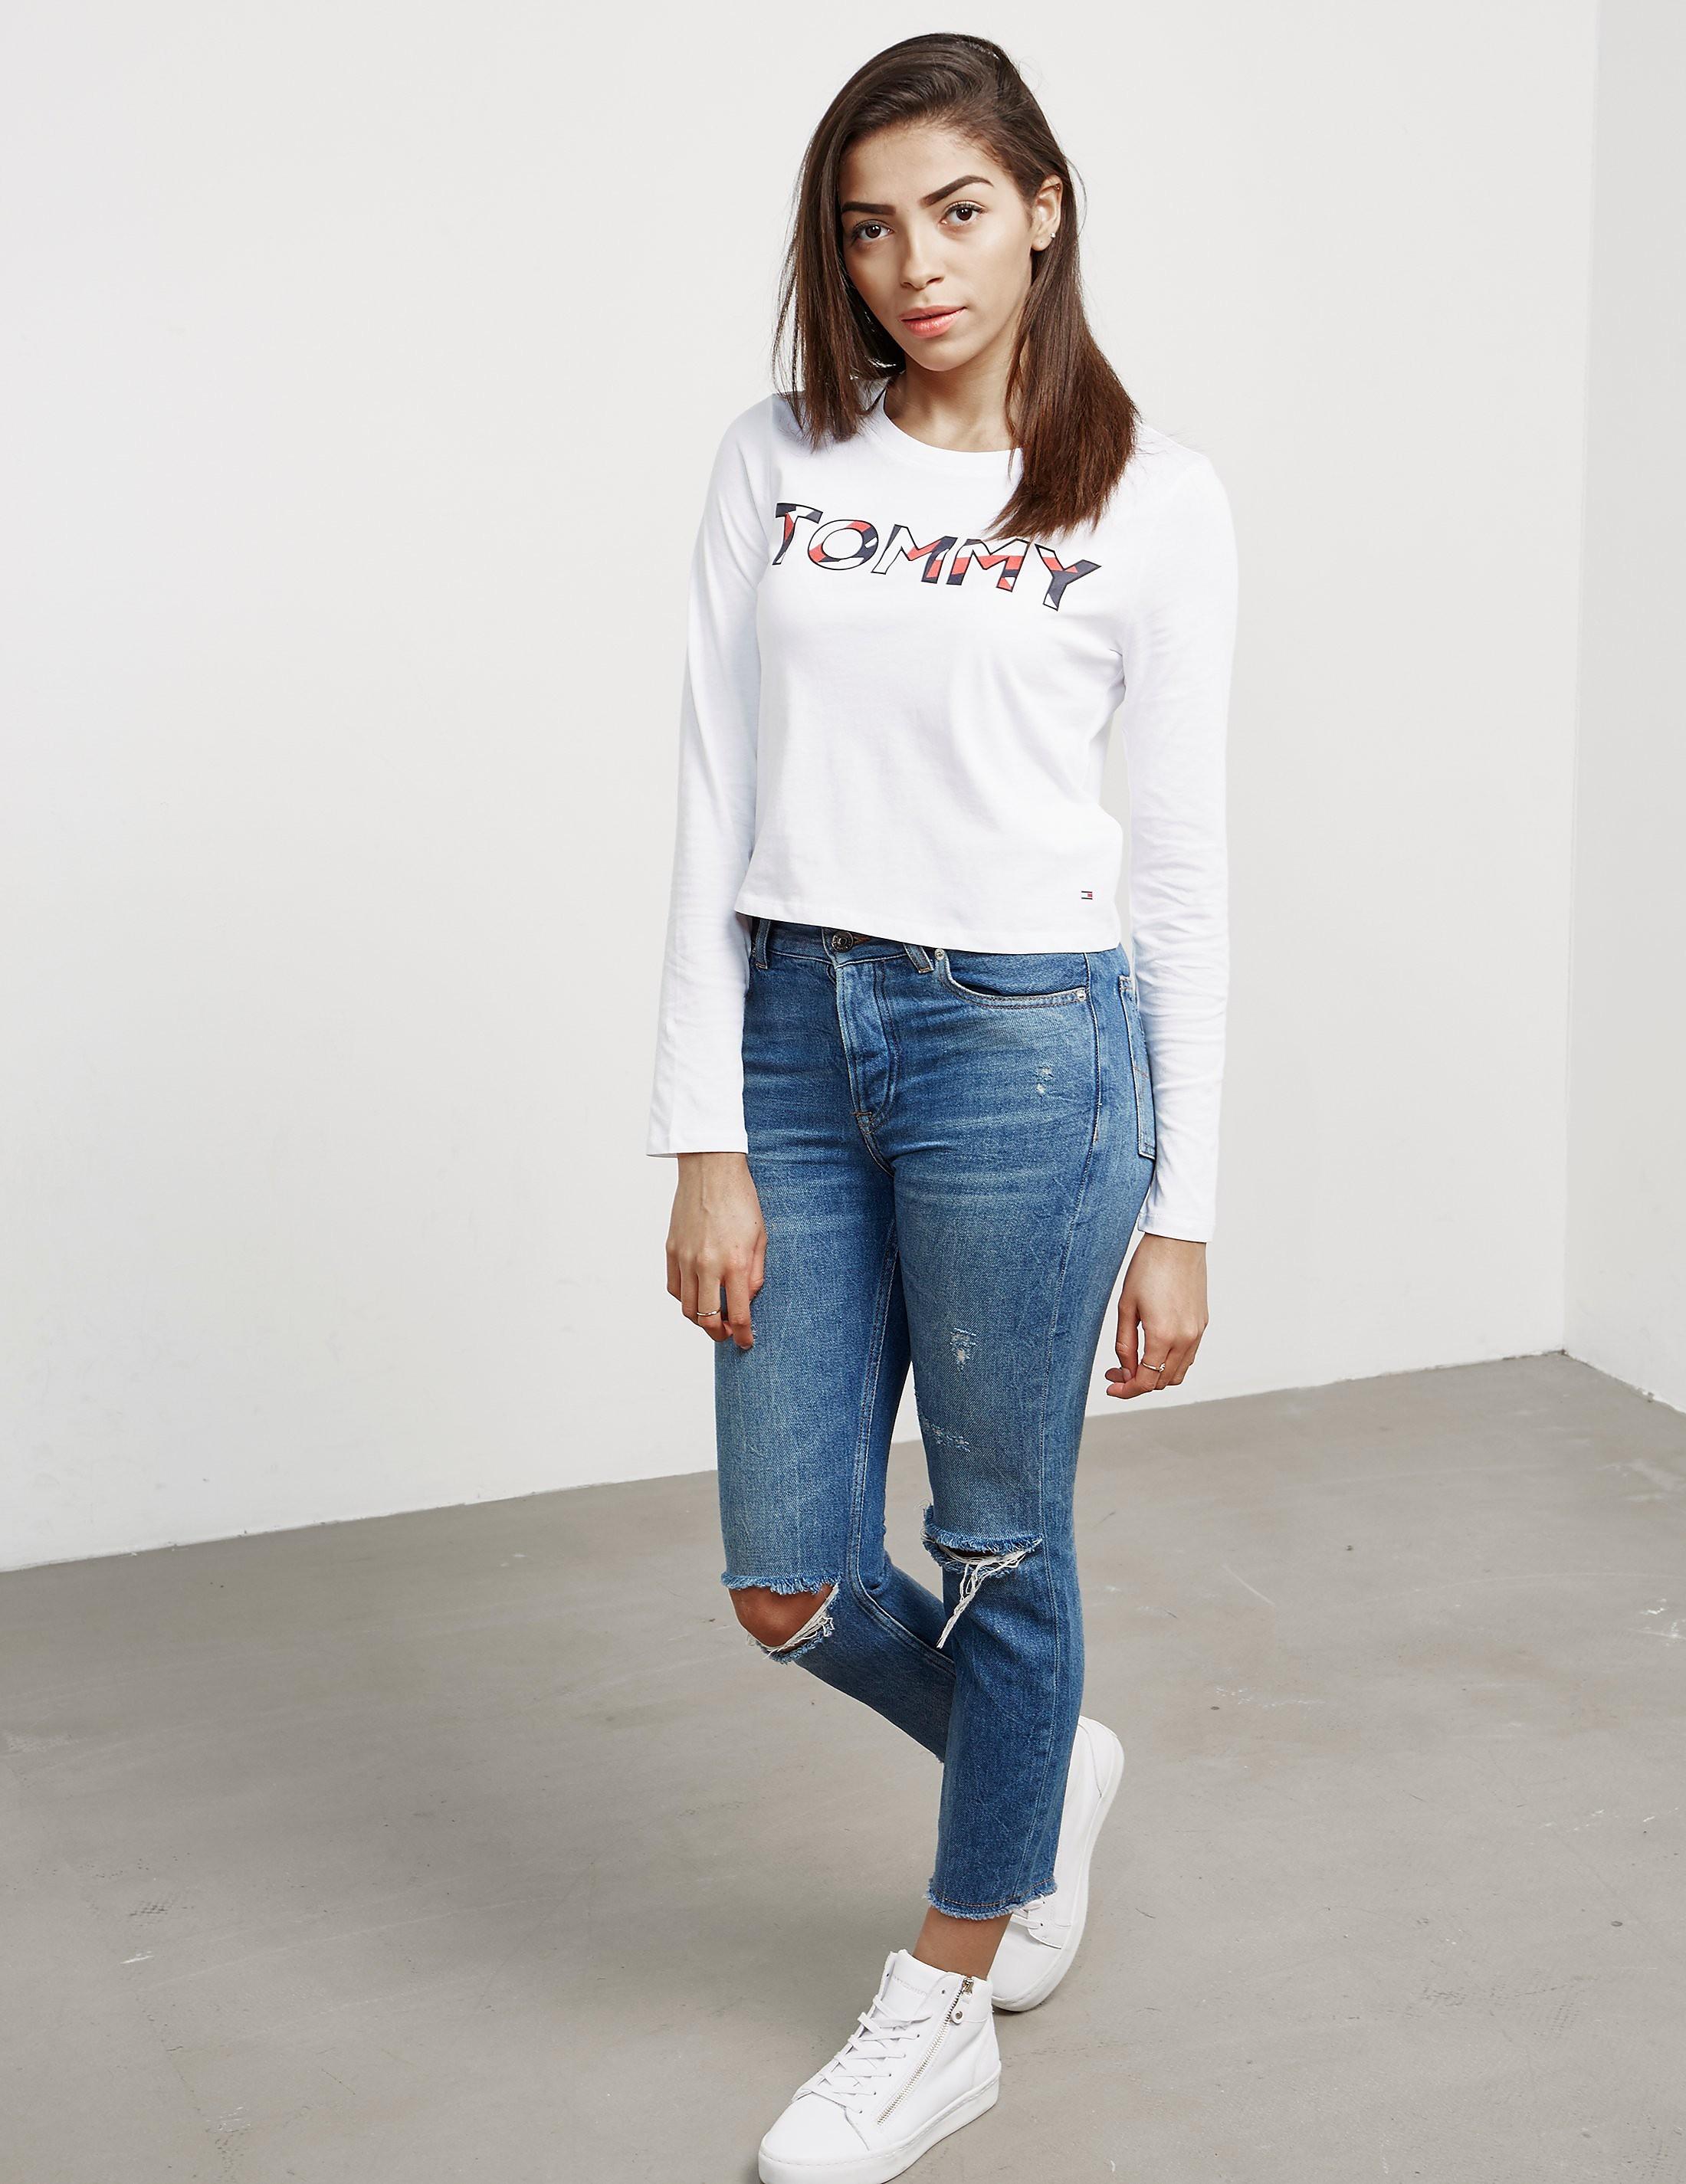 Tommy Hilfiger Beryl Crop Long Sleeve T-Shirt